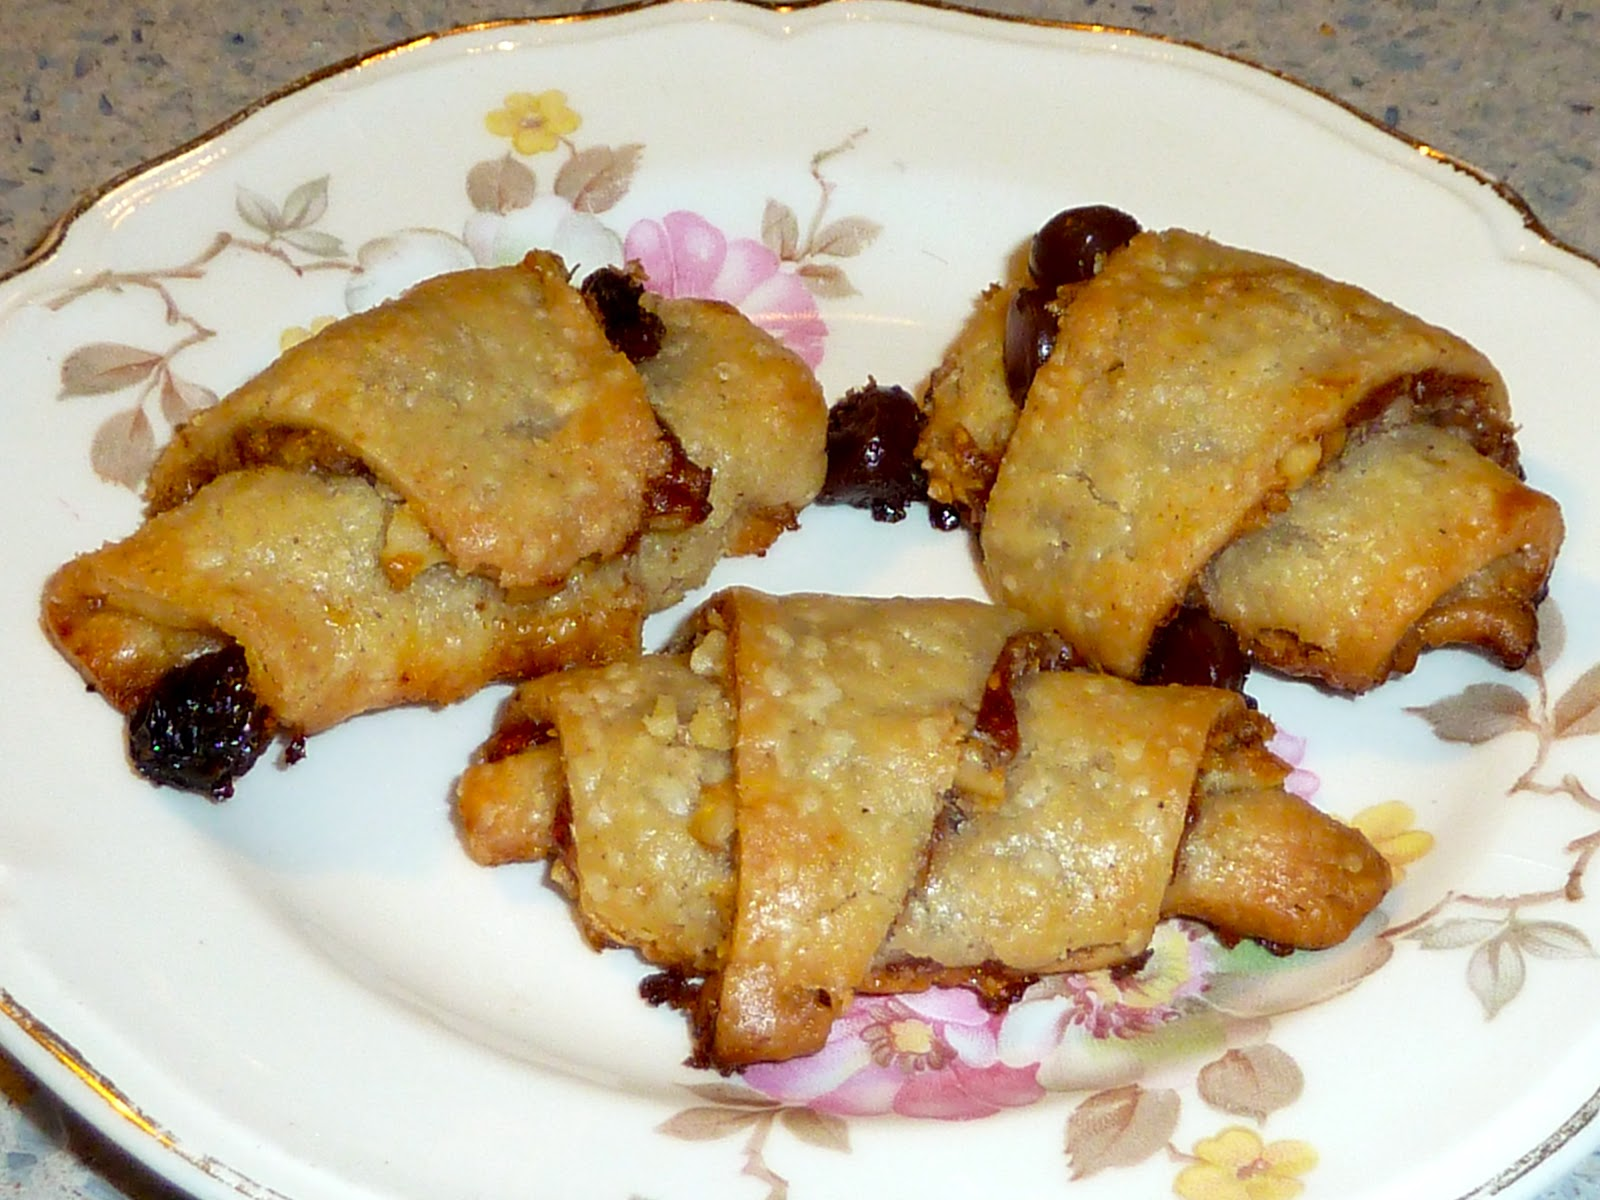 Gluten Free Baking Bear: GLUTEN FREE RUGELACH WITH VEGAN/DAIRY FREE ...